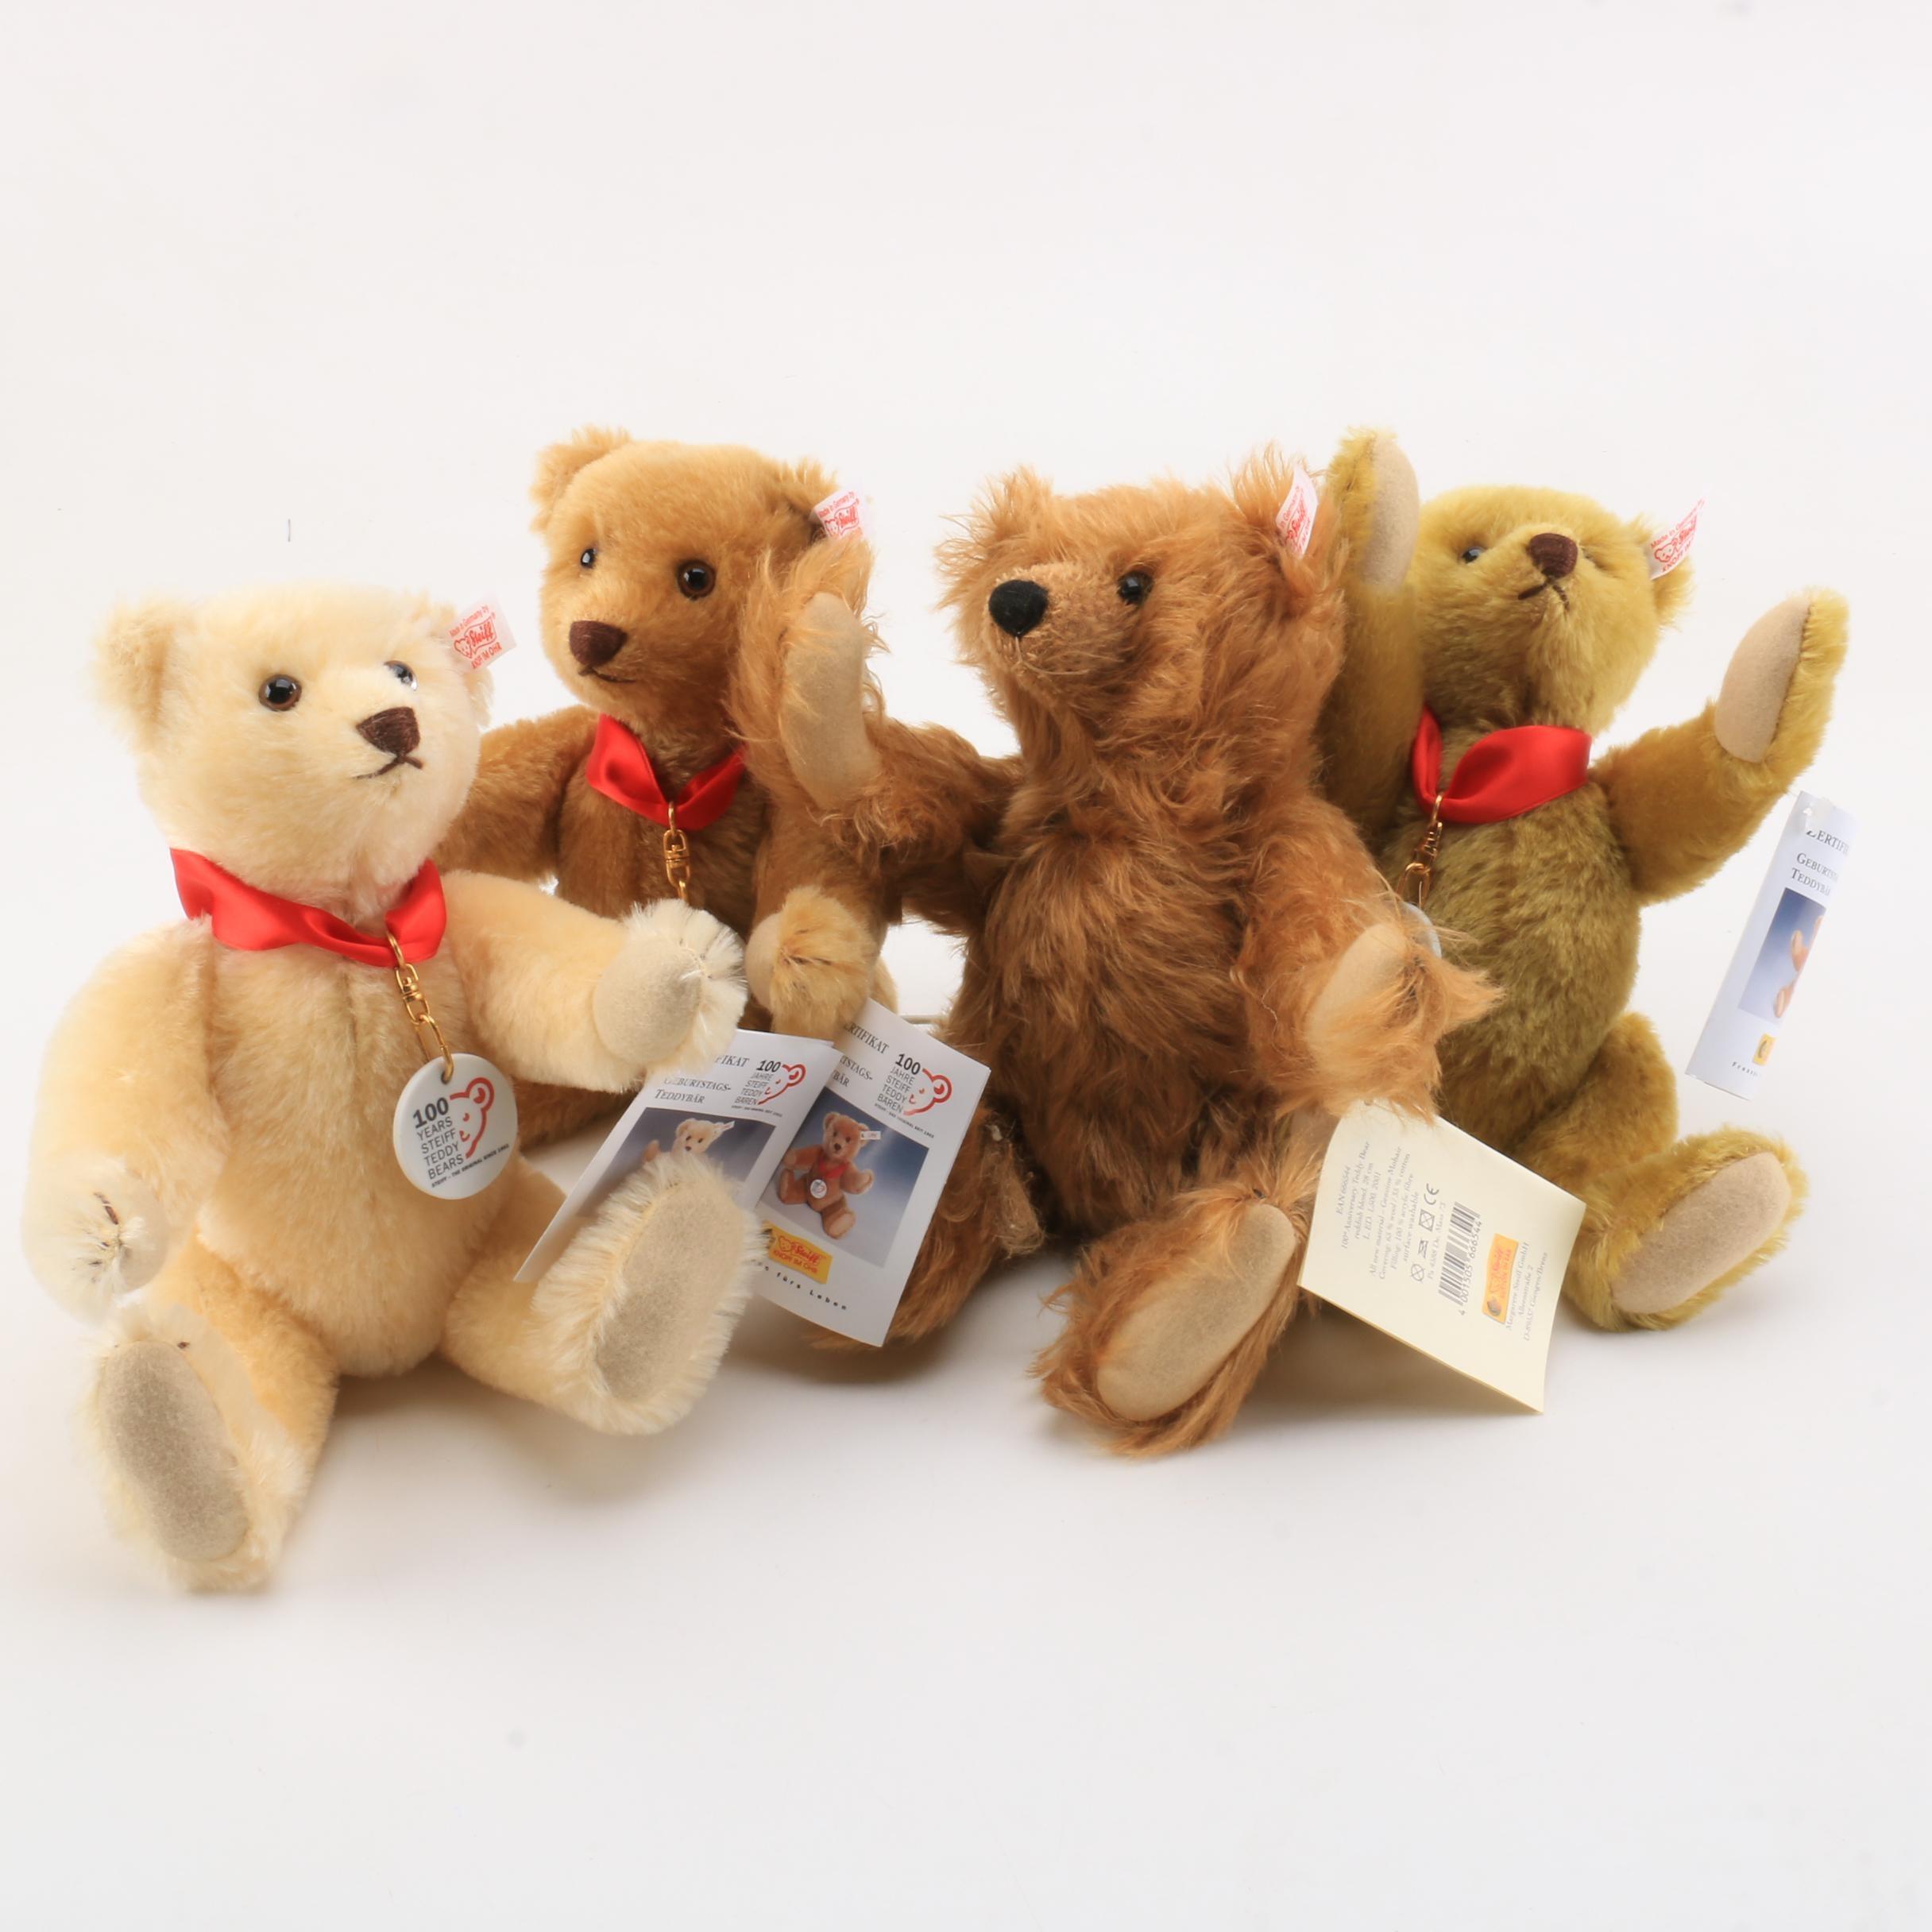 2002 Steiff 100th Anniversary Teddy Bears